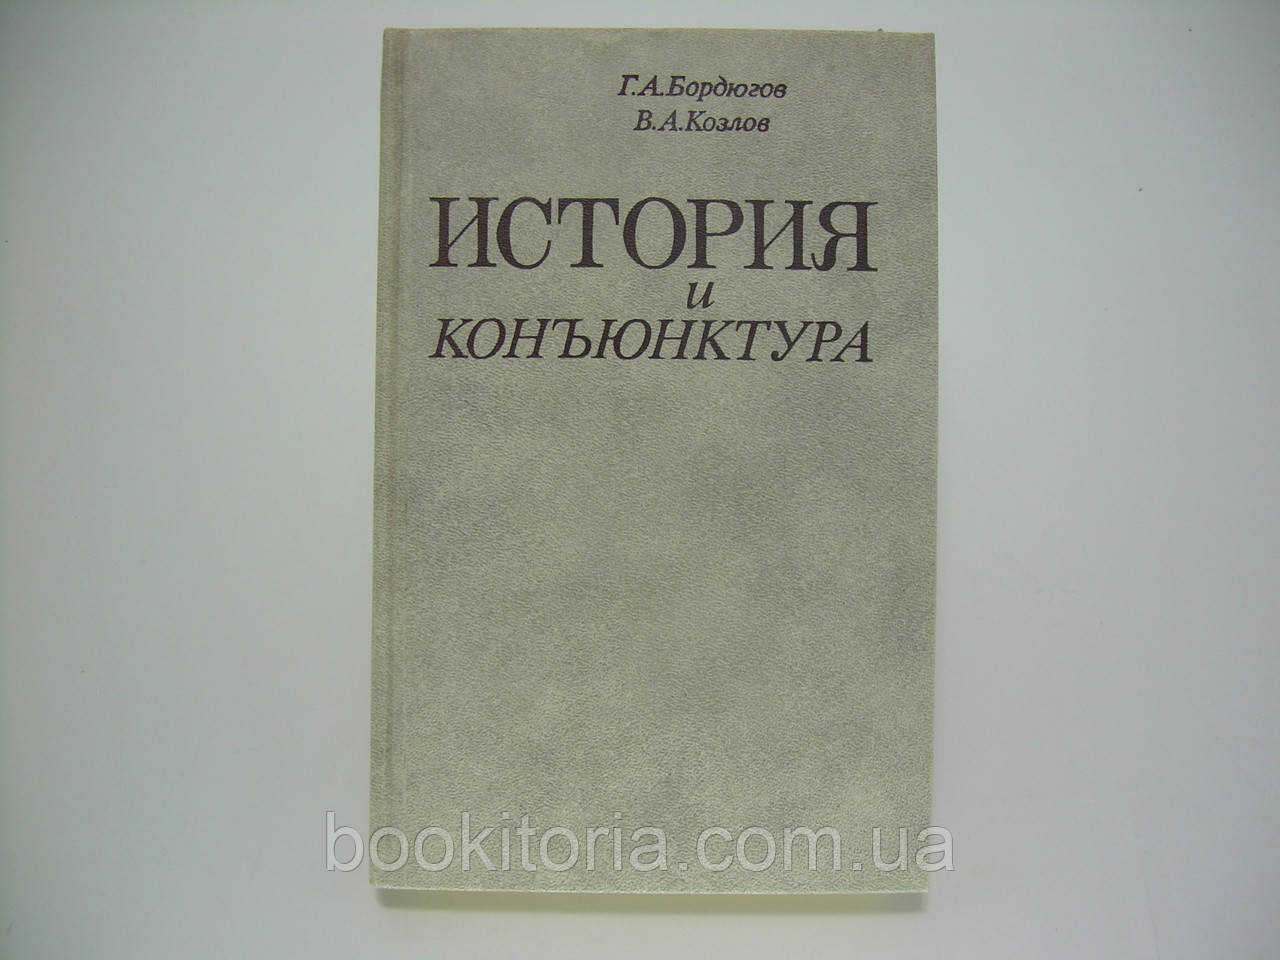 Бордюгов Г.А., Козлов В.А. История и конъюнктура (б/у).